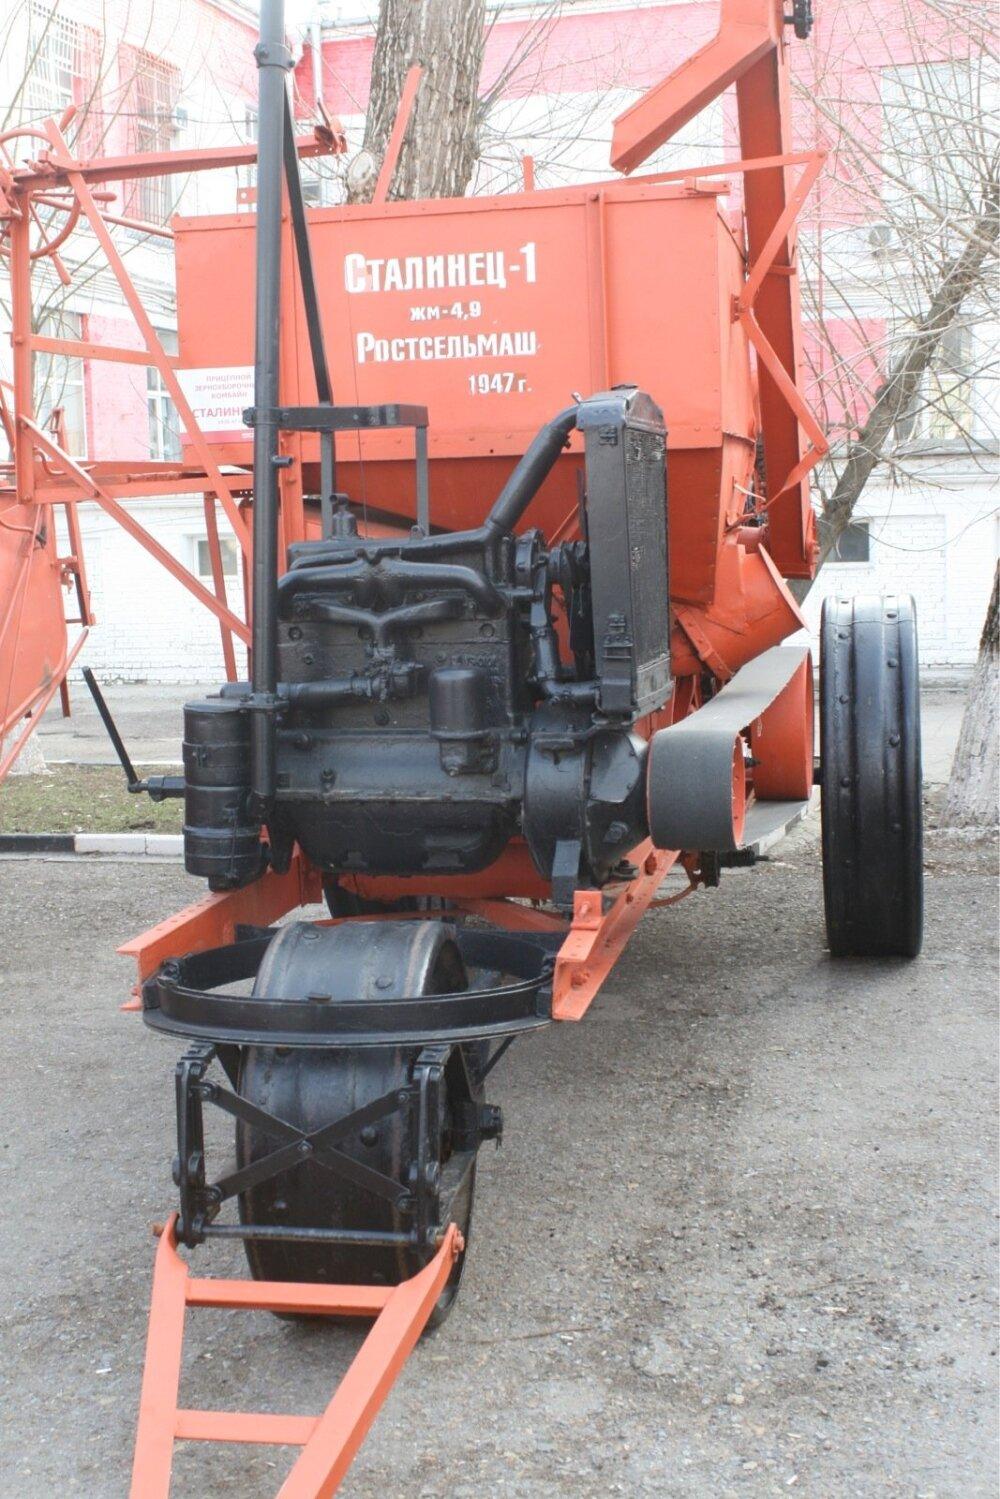 6bd1a486ca1 Just sellised masinad olid Rostovis tootmises nii enne suurt sõda kui veel  ka sõjajärgsetel aastatel